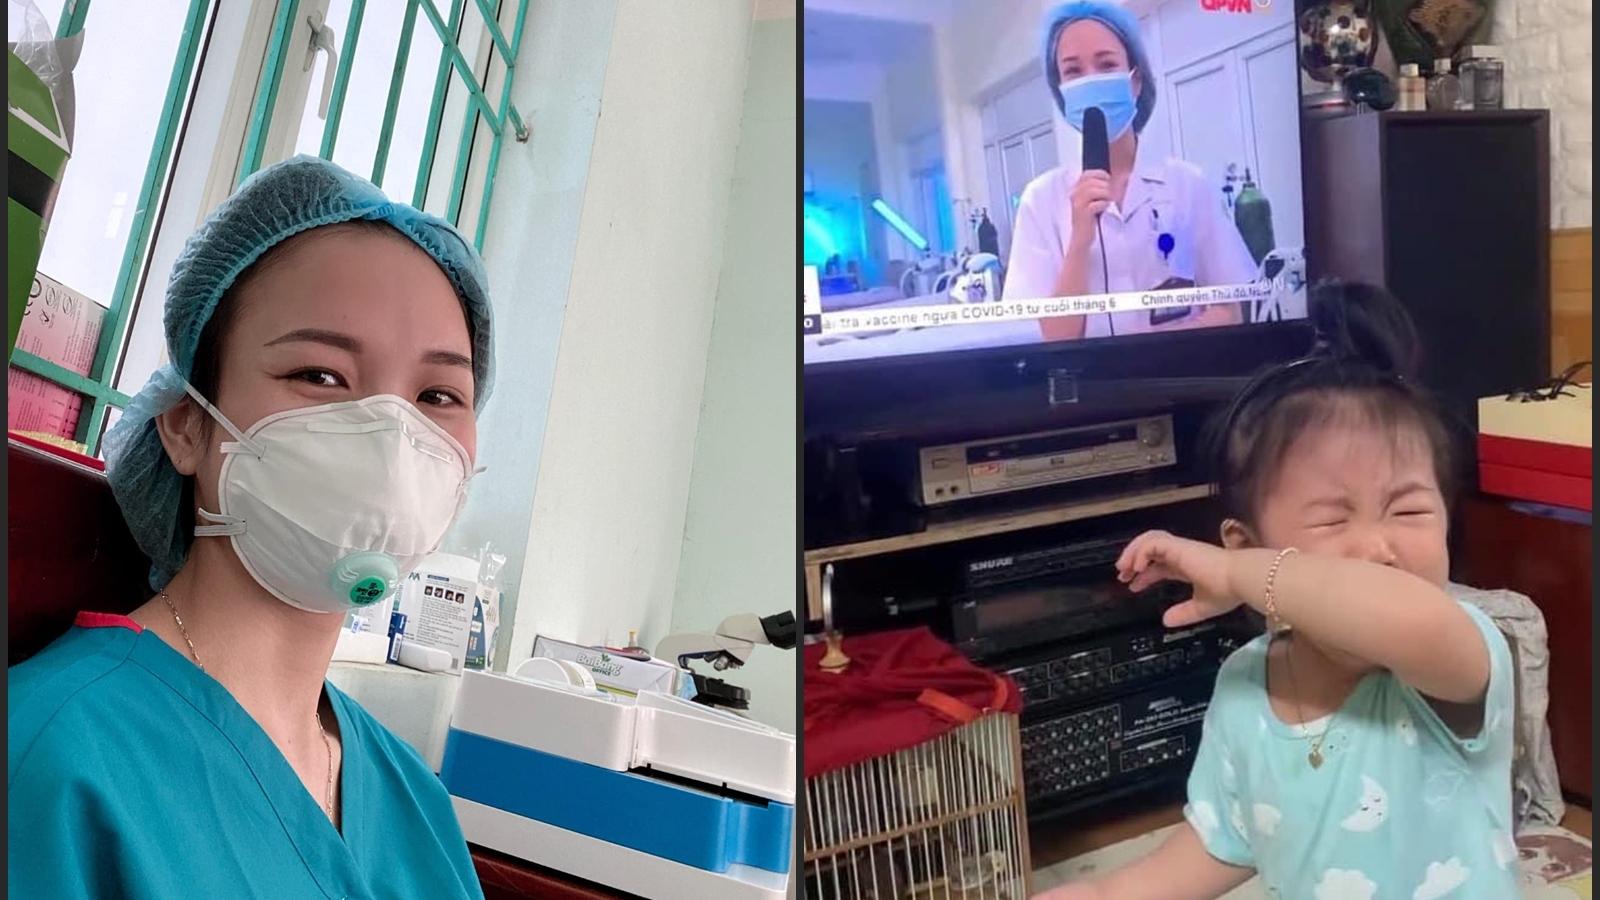 """Nữ điều dưỡng lên tivi khiến con gái khóc ngặt đòi bế: """"Nhớ con là ngực lại đau nhói"""""""